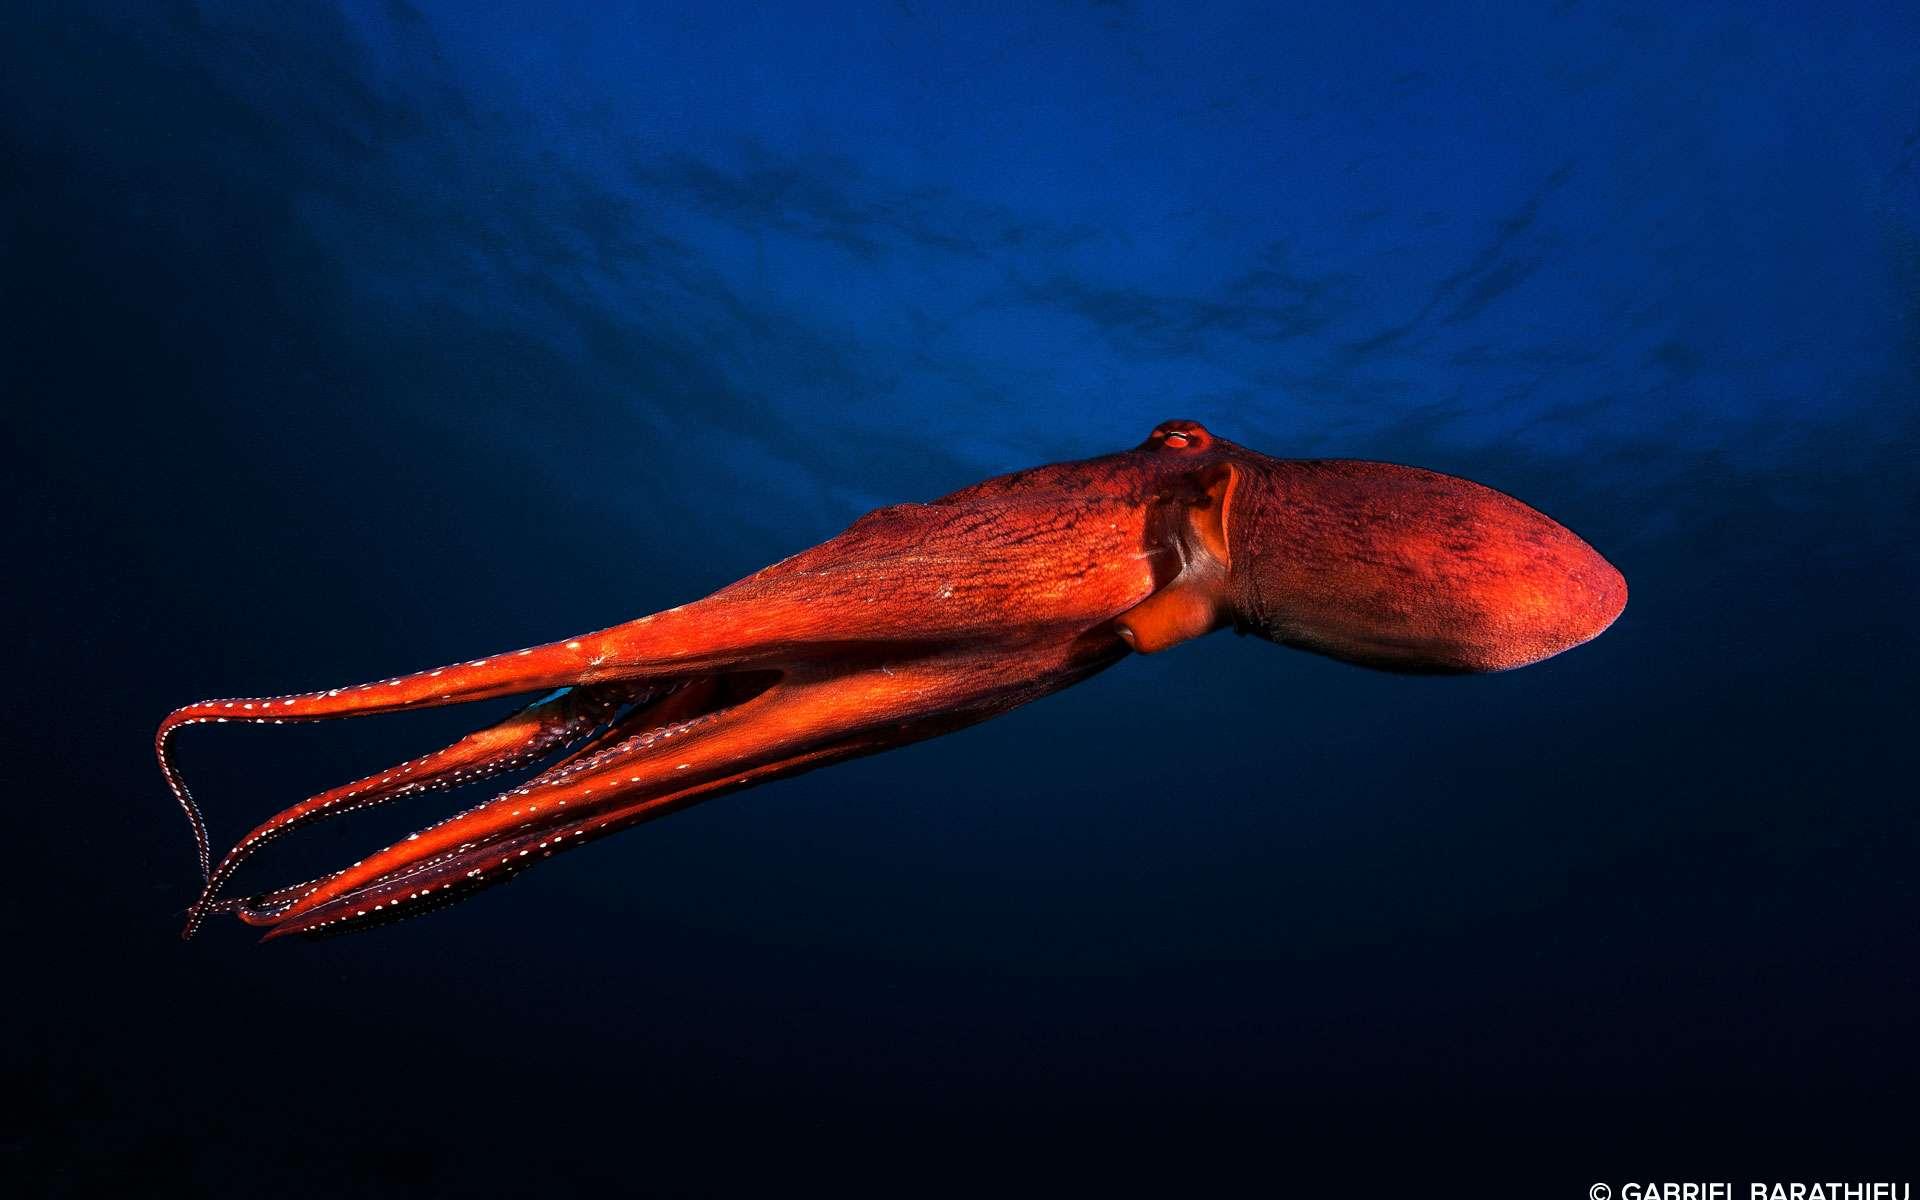 « Une pieuvre (autrement appelé poulpe ou Zourite à la Réunion) nageant en pleine eau certainement pour fuir un prédateur ». © Gabriel Barathieu, tous droits réservésQuelle allure aérodynamique ! Le photographe a figé ce mouvement dont on peut ressentir la propulsion et l'élan salvateur. Bien que ce poulpe soit aussi un prédateur, chassant à l'affût et attrapant ses proies avec ses tentacules et les déguste avec son bec corné, la gourmandise humaine est aussi redoutable pour ce céphalopode qui est en effet très apprécié dans la cuisine malgache et réunionnaise. Son terrier, des anfractuosités rocheuses, se reconnaît aux déchets qu'il laisse à l'entrée. Il vit dans les eaux chaudes. Doté de facultés d'homochromie, ce poulpe tacheté possède un don de camouflage étonnant mais pour l'heure, il s'est fait bien visible pour notre photographe.